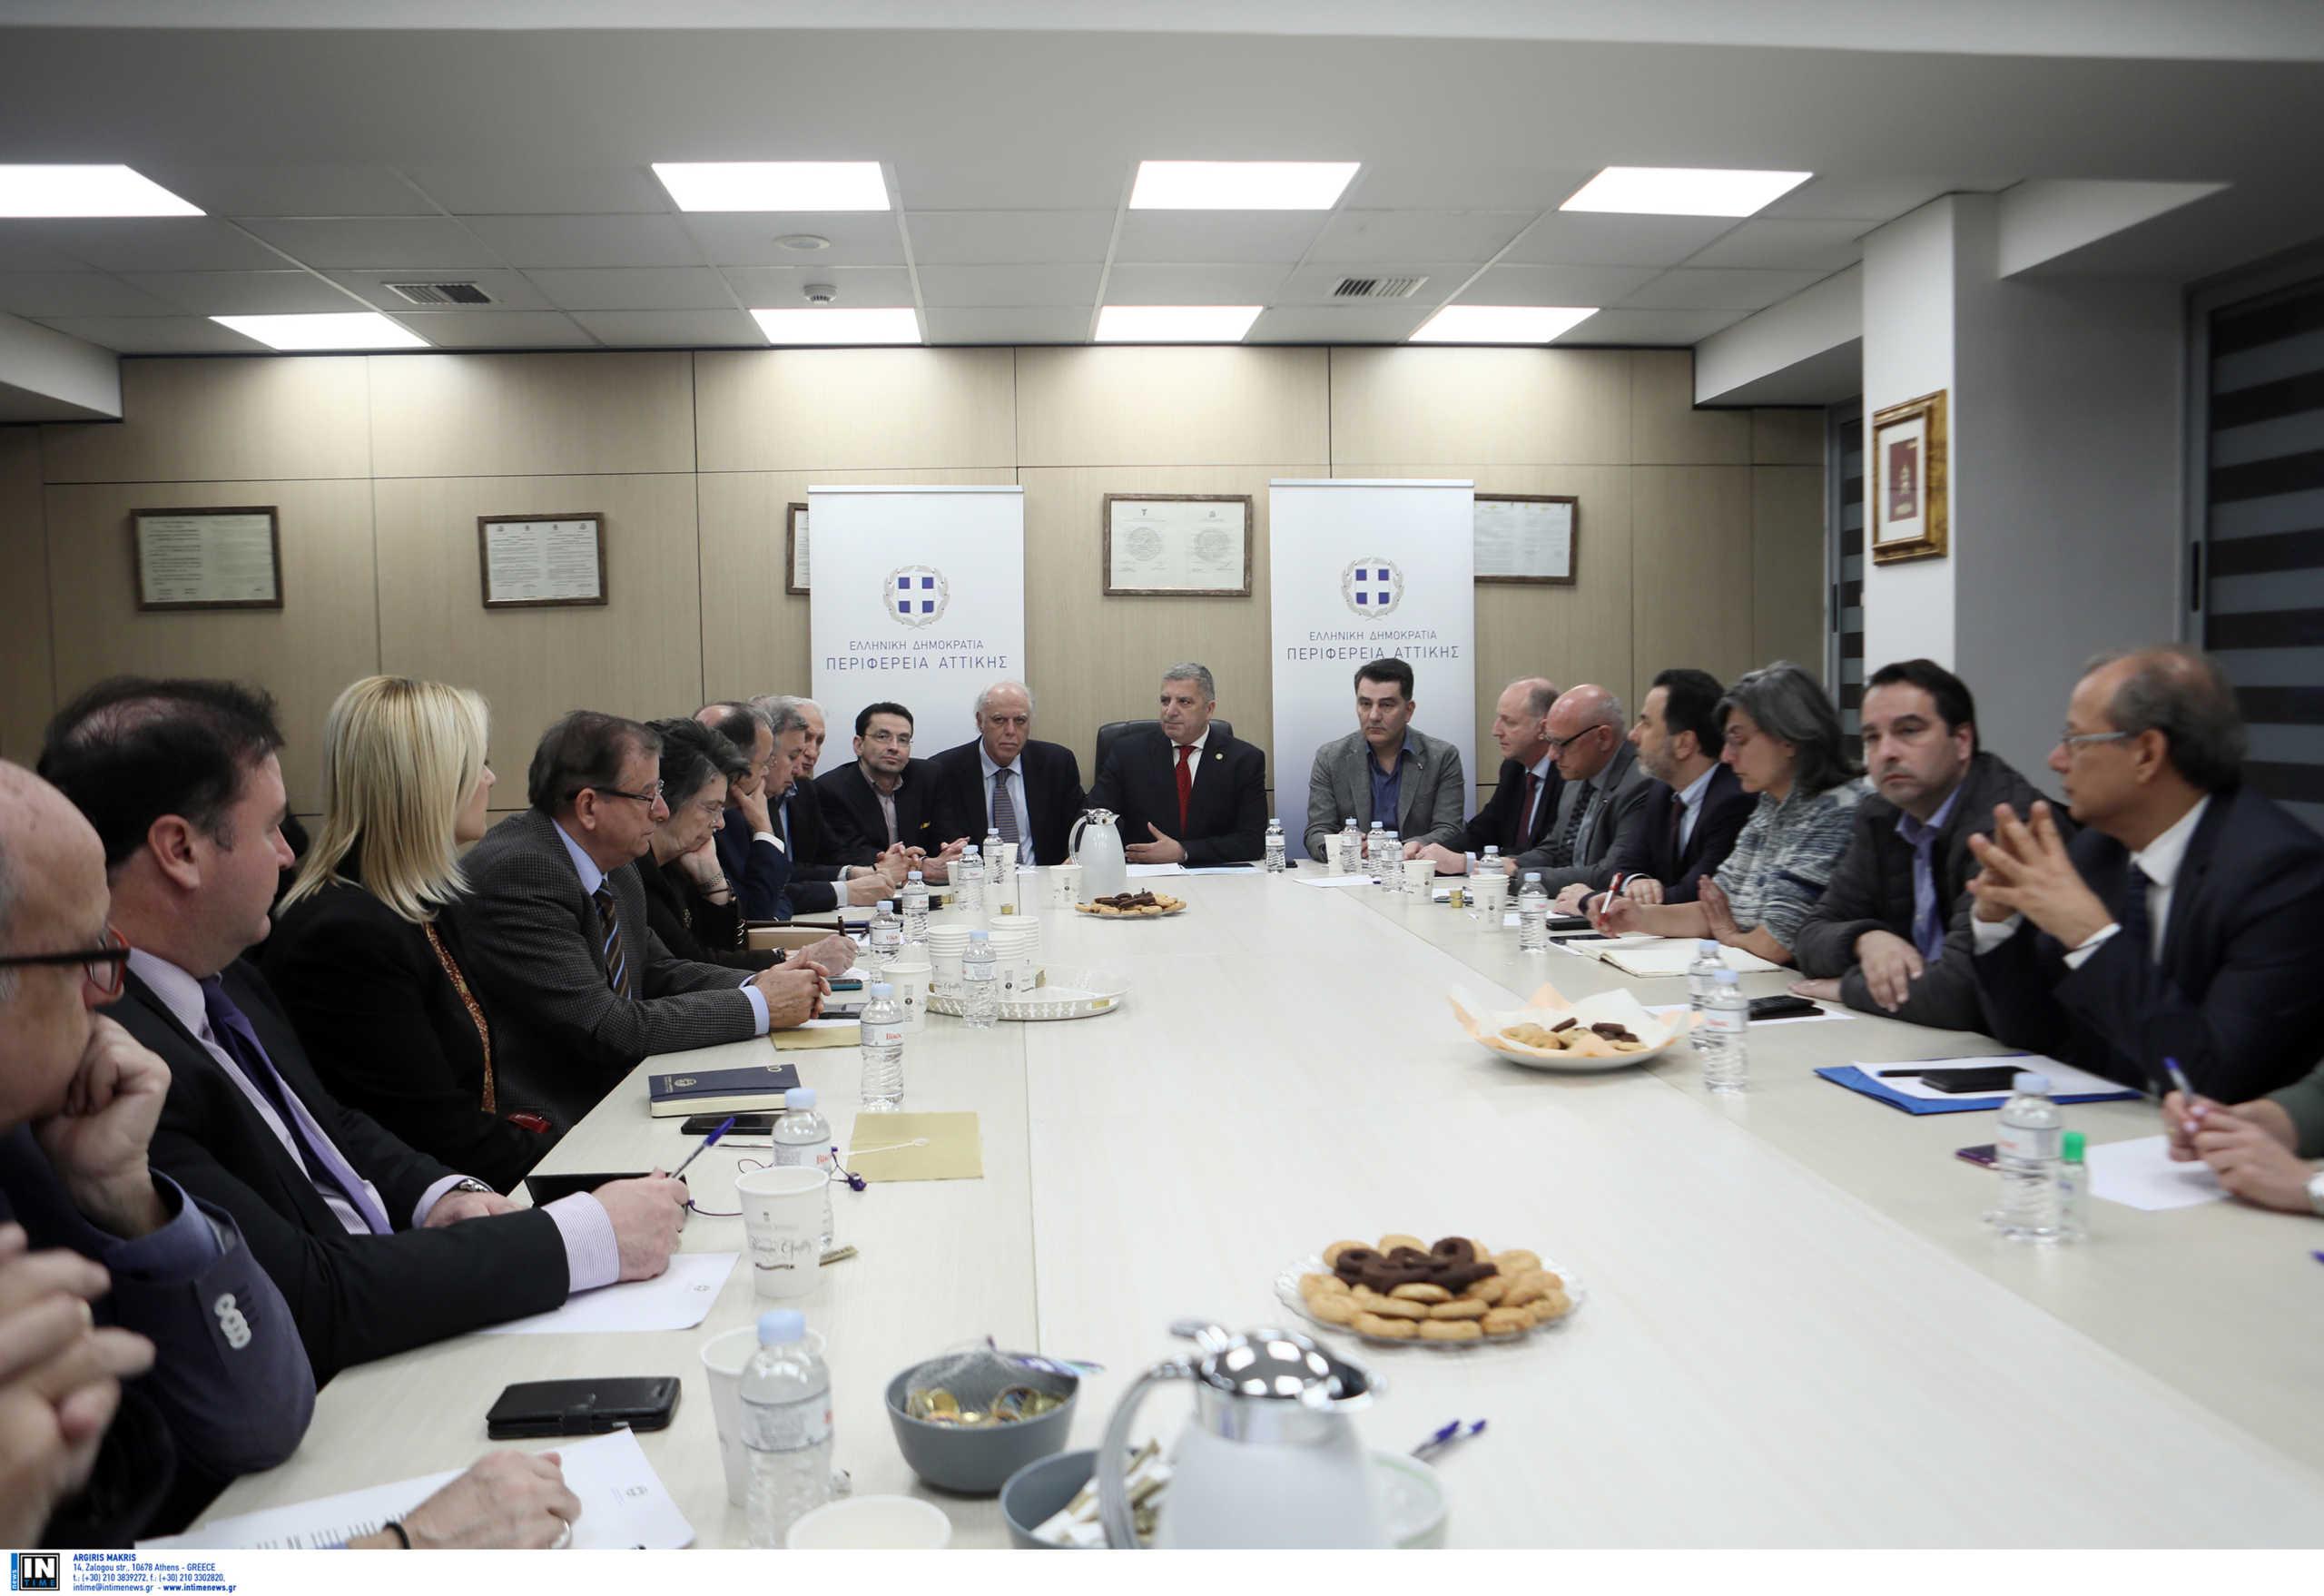 Αναβλήθηκε η συνεδρίαση του Περιφερειακού Συμβουλίου Αττικής μέχρι να αποχωρήσει η «Ελληνική Αυγή»